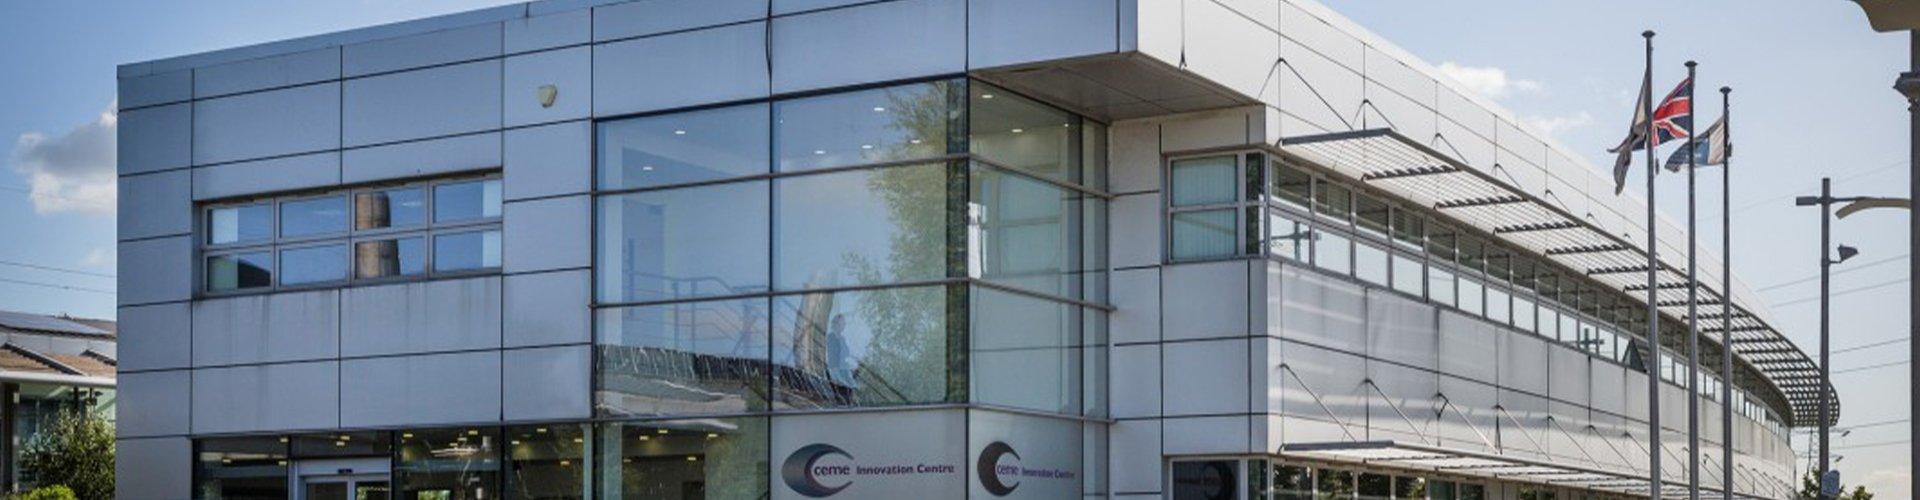 CEME Service Centre Excalibre Tech